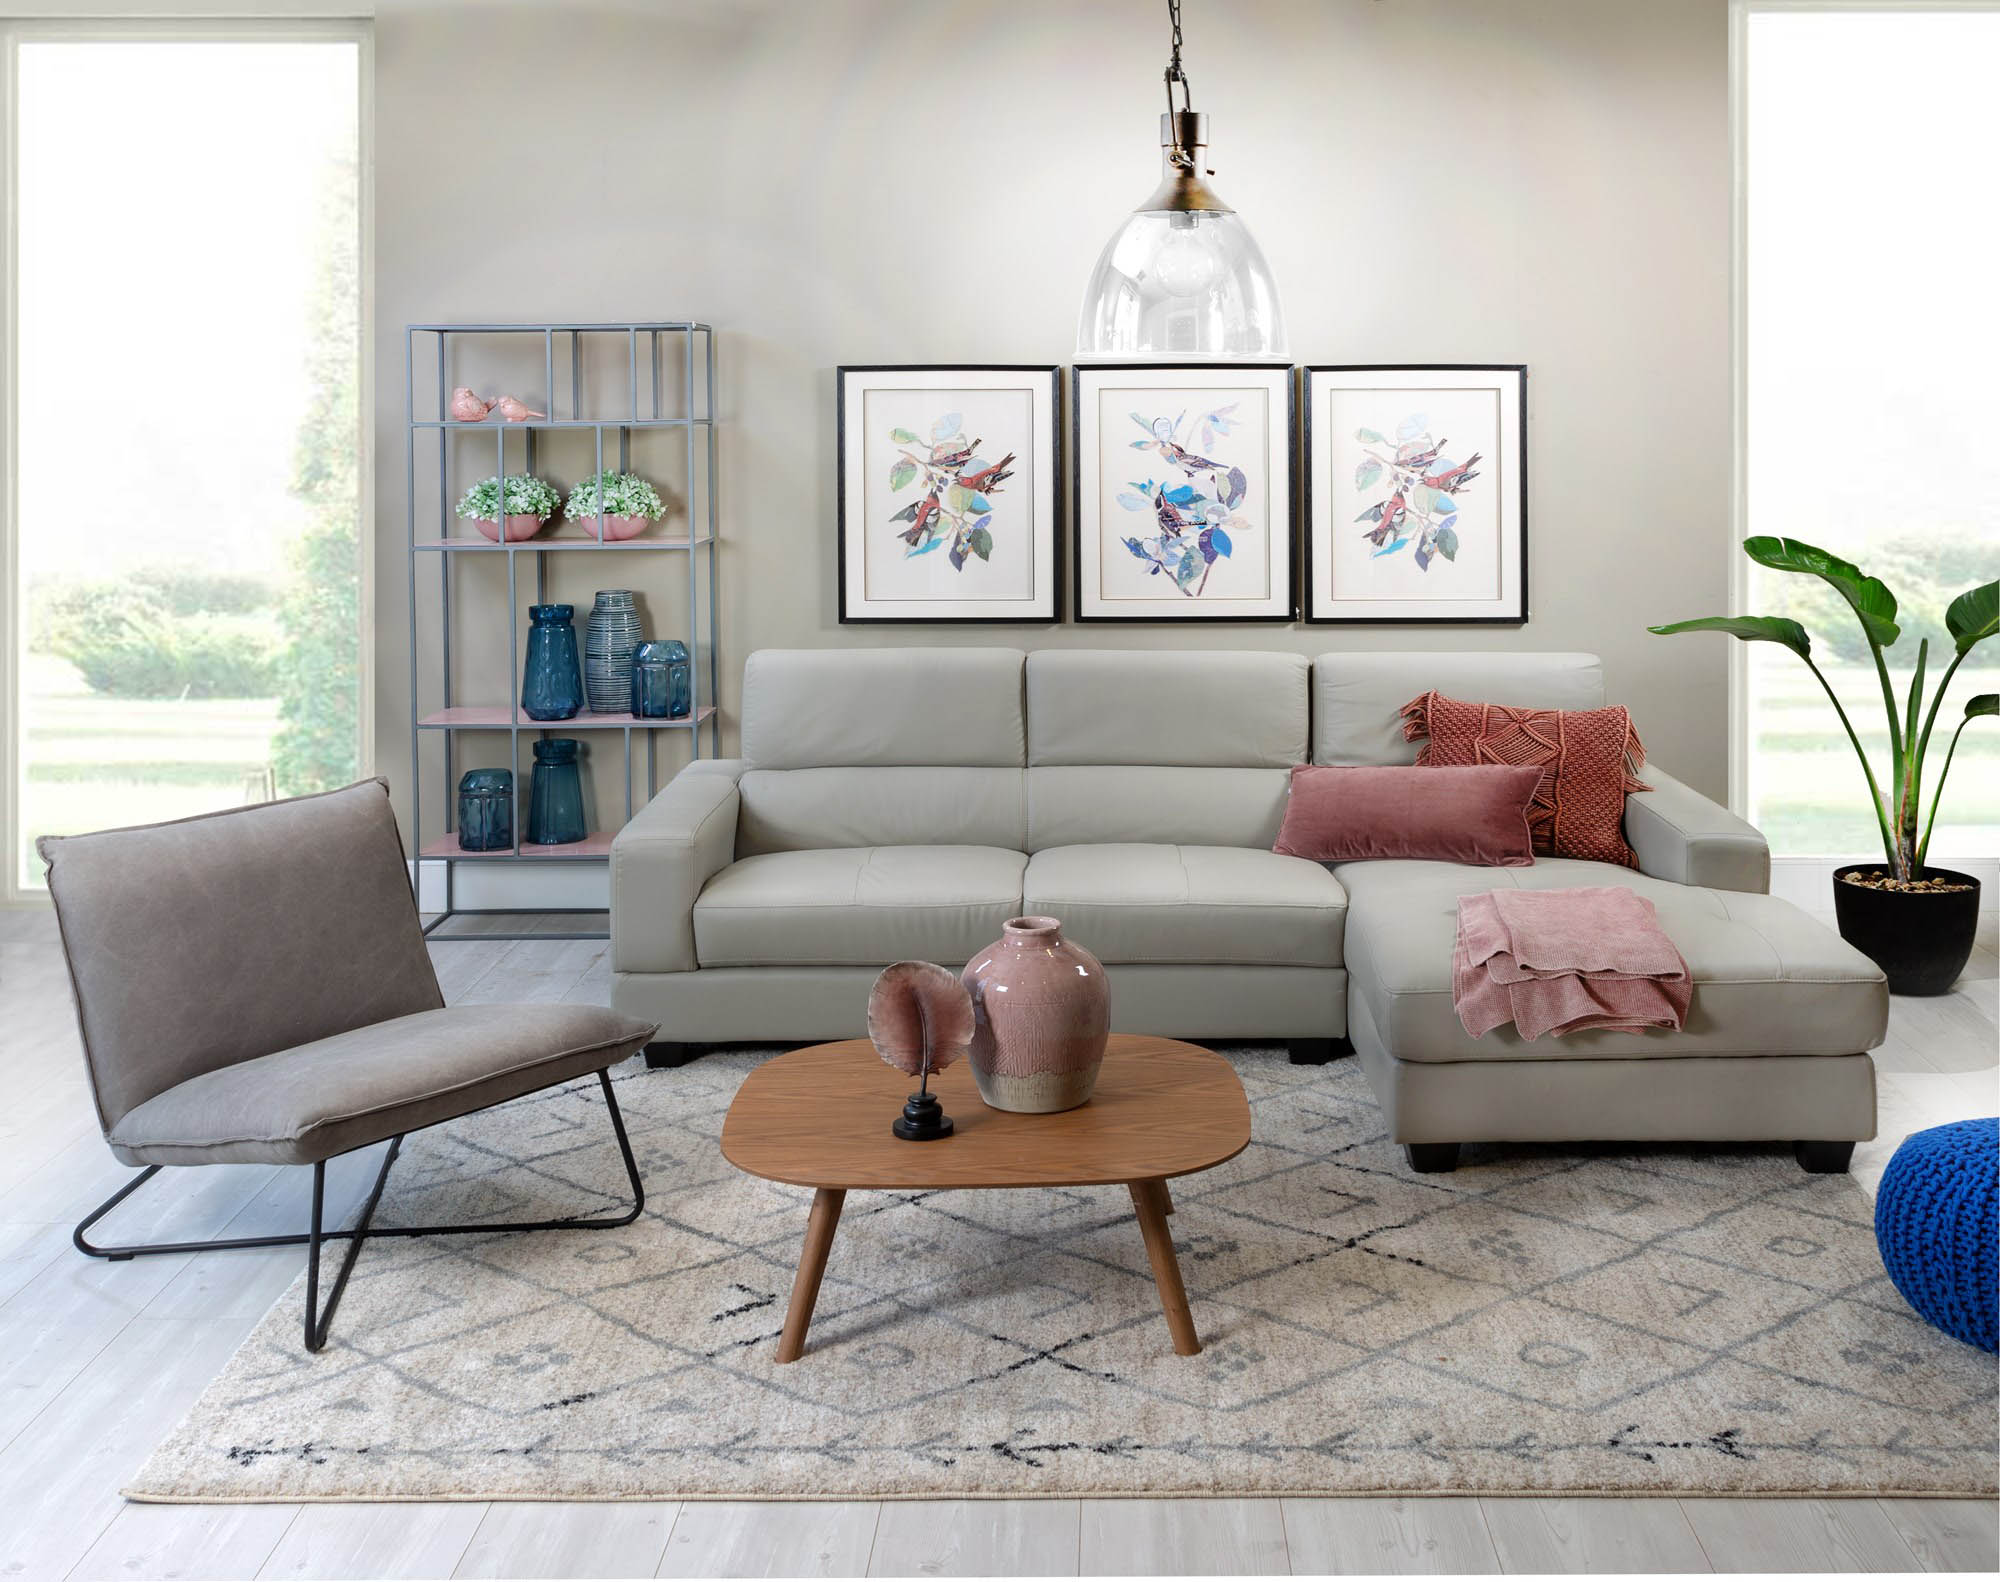 כורסא בעיצוב מודרני דגם פרינס ביתילי בעלת ריפוד בד כותנה עם תפרים תואמים ומסגרת ברזל   - תמונה 5